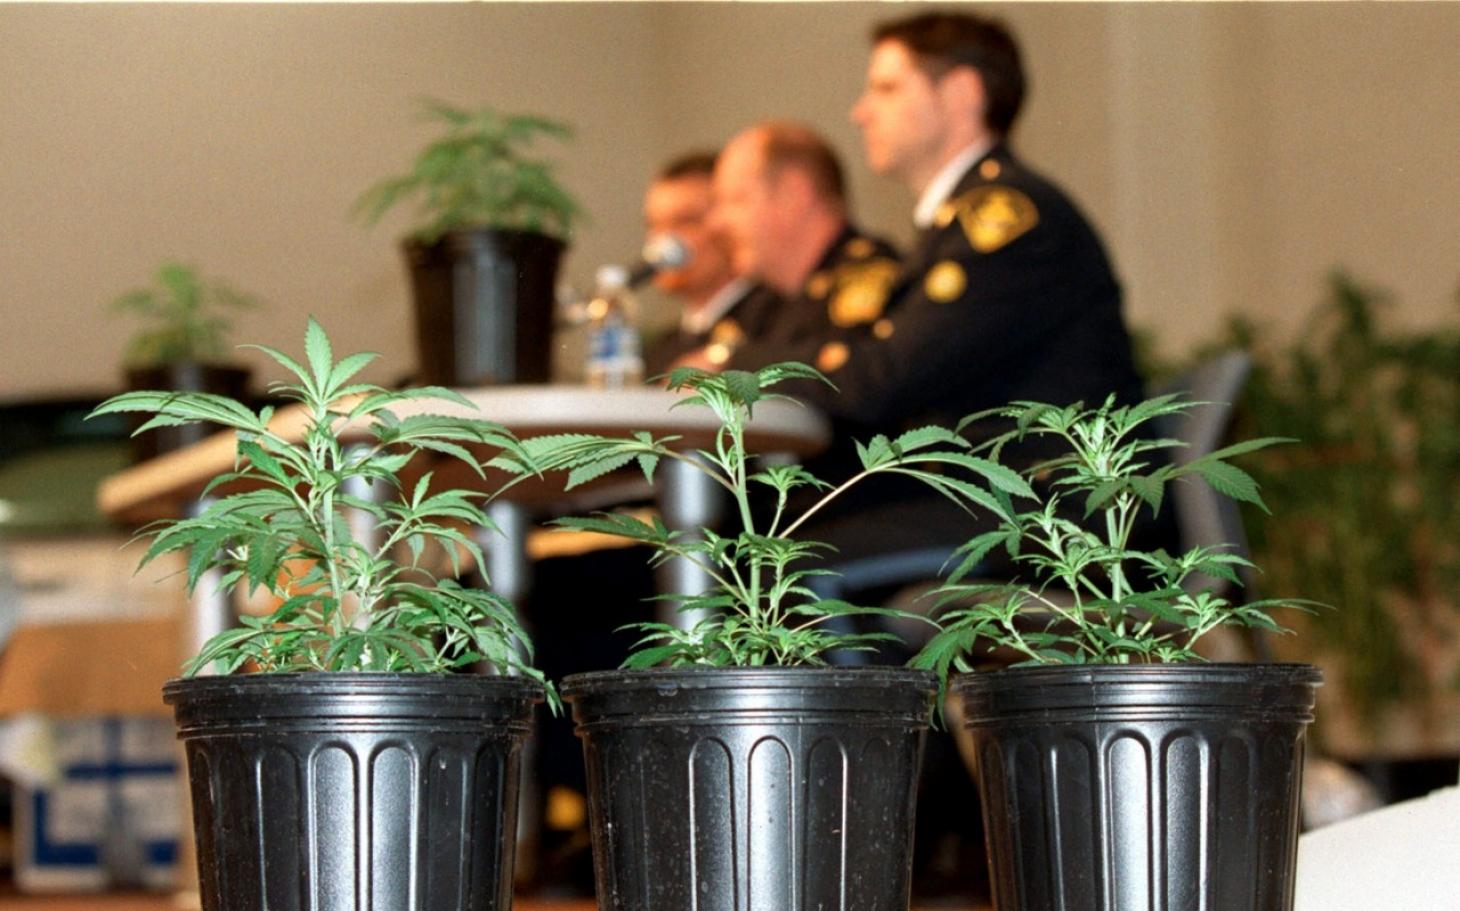 DEA Obstructs Research Into Medical Marijuana Report Al Jazeera America